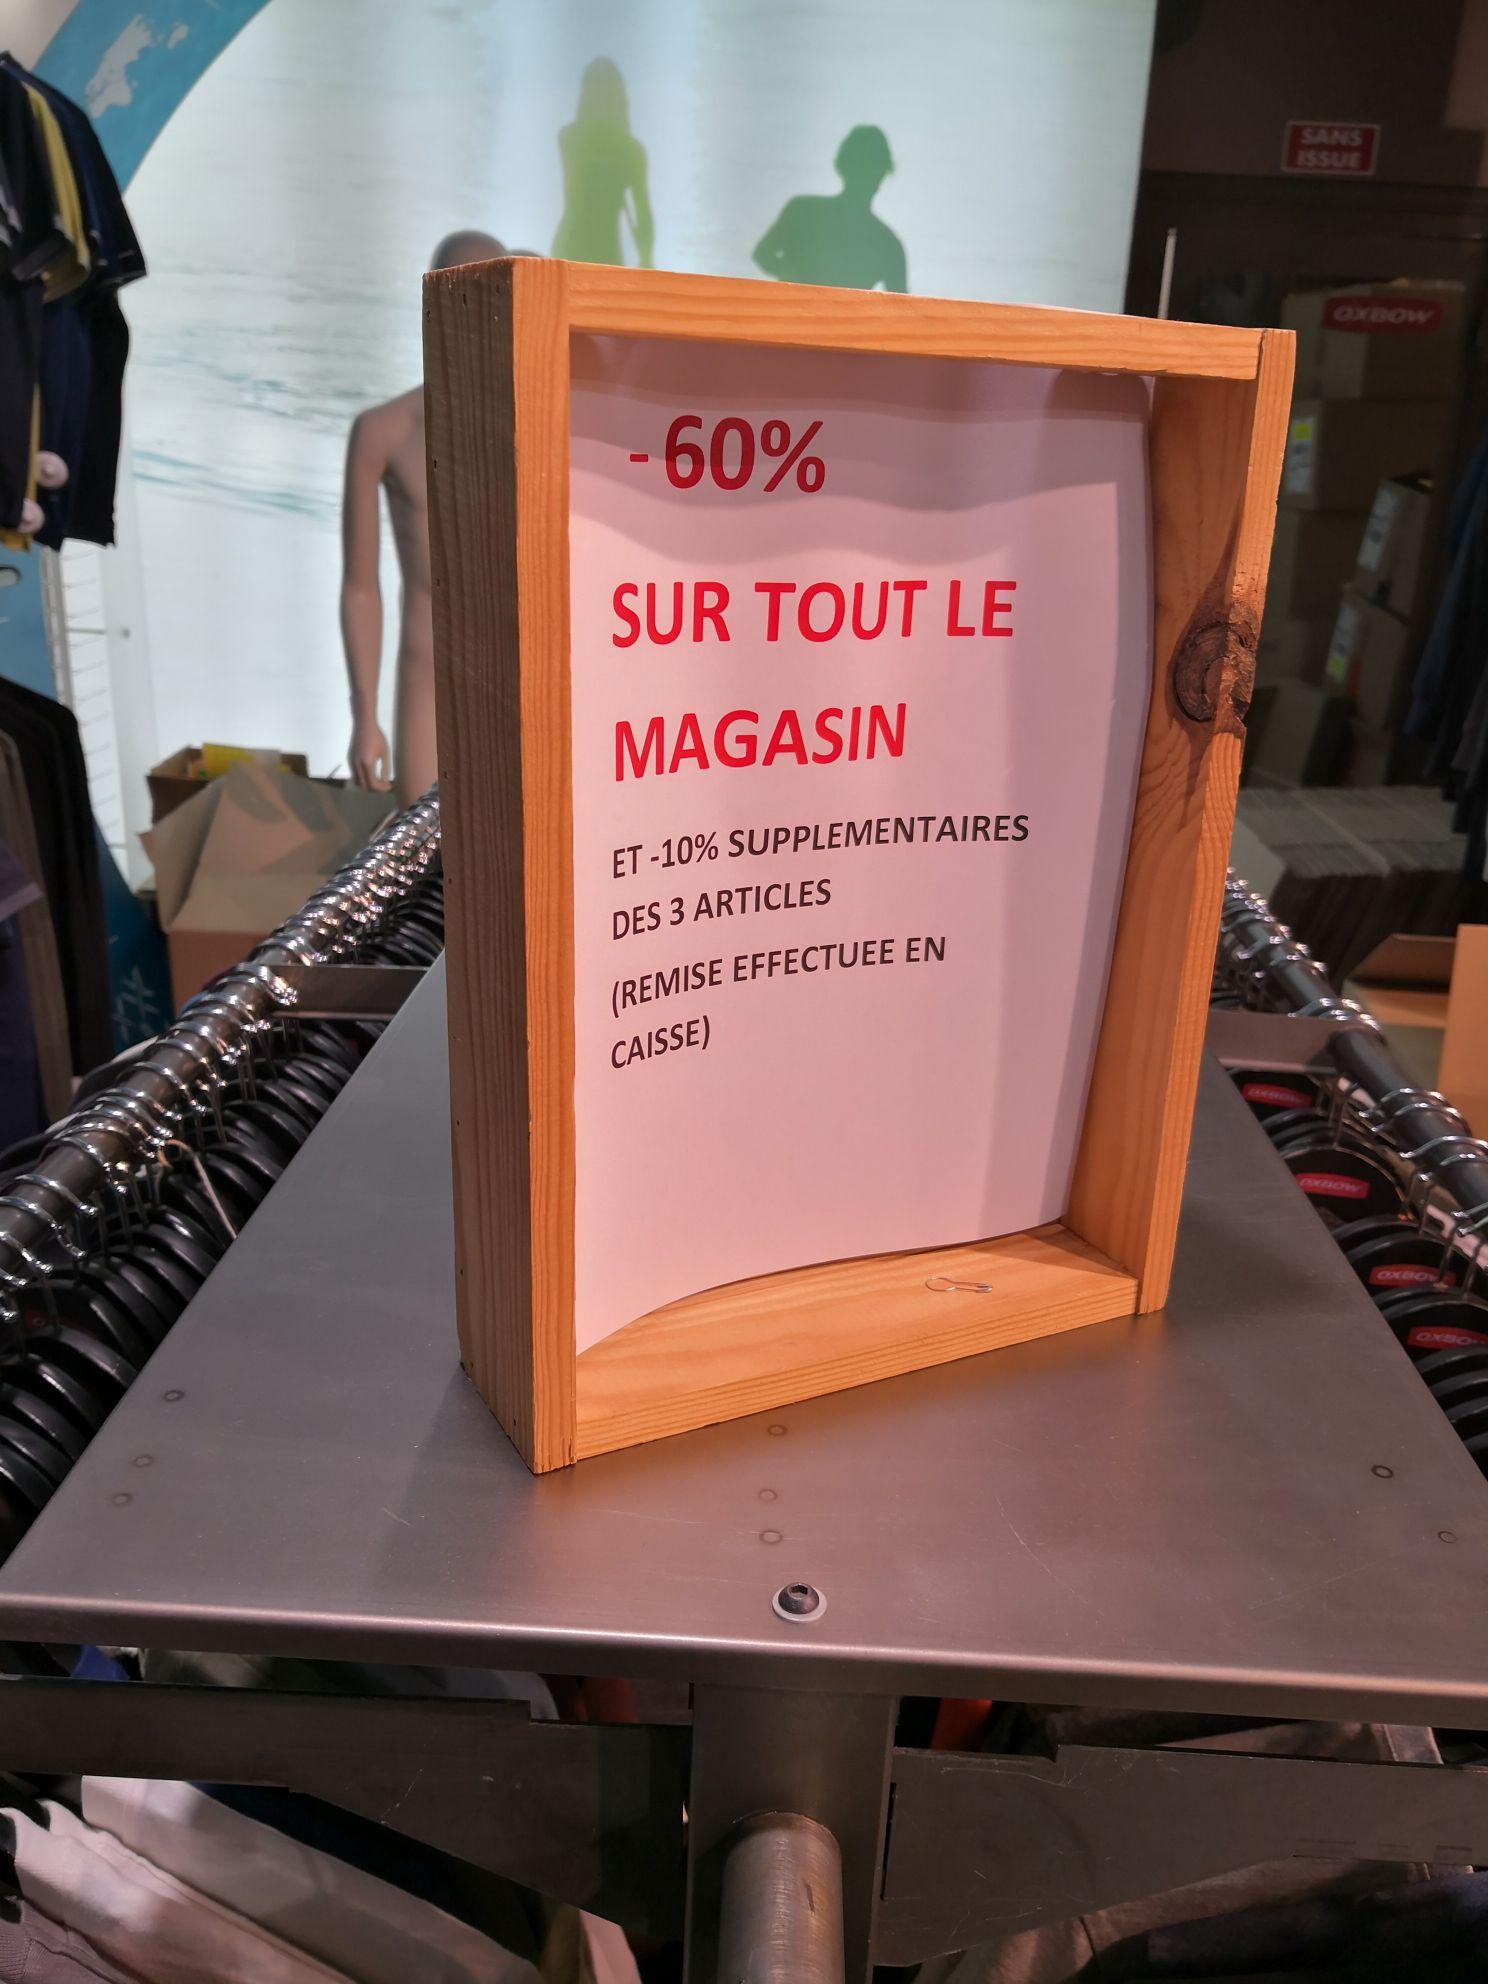 60% et -10% supplémentaire dès 3 articles acheté - Oxbow Lille (59)